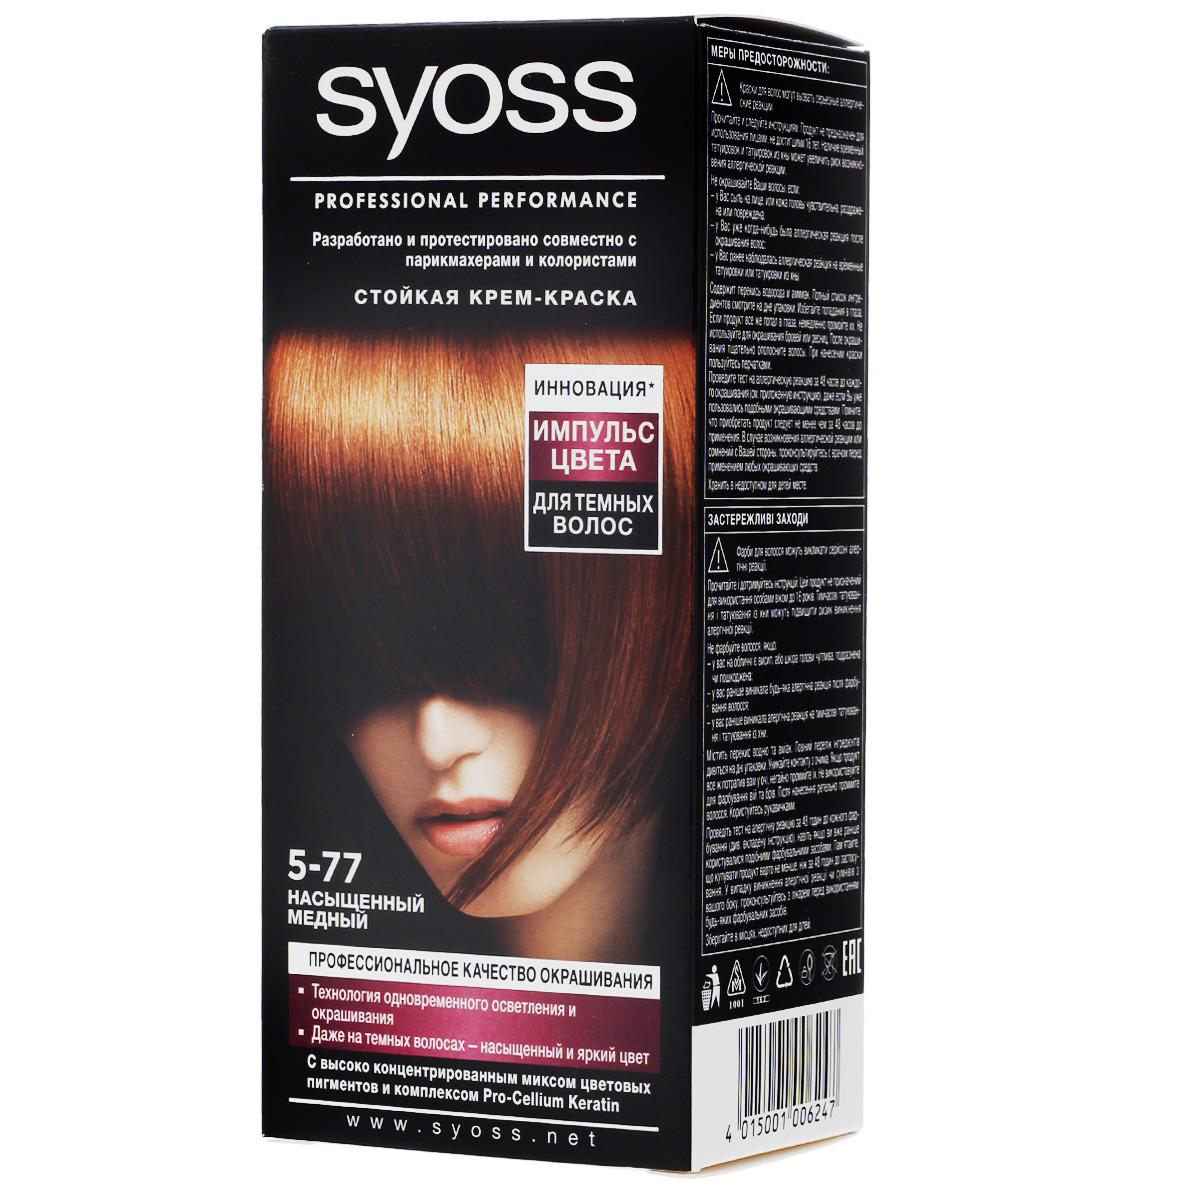 Syoss Color Краска для волос оттенок 5-77 Импульс цвета Насыщенный медный, 115 мл9393603577Откройте для себя профессиональное качество окрашивания с красками Syoss, разработанными и протестированными совместно с парикмахерами и колористами. Превосходный результат, как после посещения салона. Высокоэффективная формула закрепляет интенсивные цветовые пигменты глубоко внутри волоса, обеспечивая насыщенный, точный результат окрашивания и блеск волос, а также превосходное закрашивание седины. Кондиционер SYOSS «Защита Цвета- с комплексом Pro-Cellium Keratin и Провитамином Б5 способствует восстановлению волос изнутри – для сильных волос и стойкого, насыщенного цвета, полного блеска.